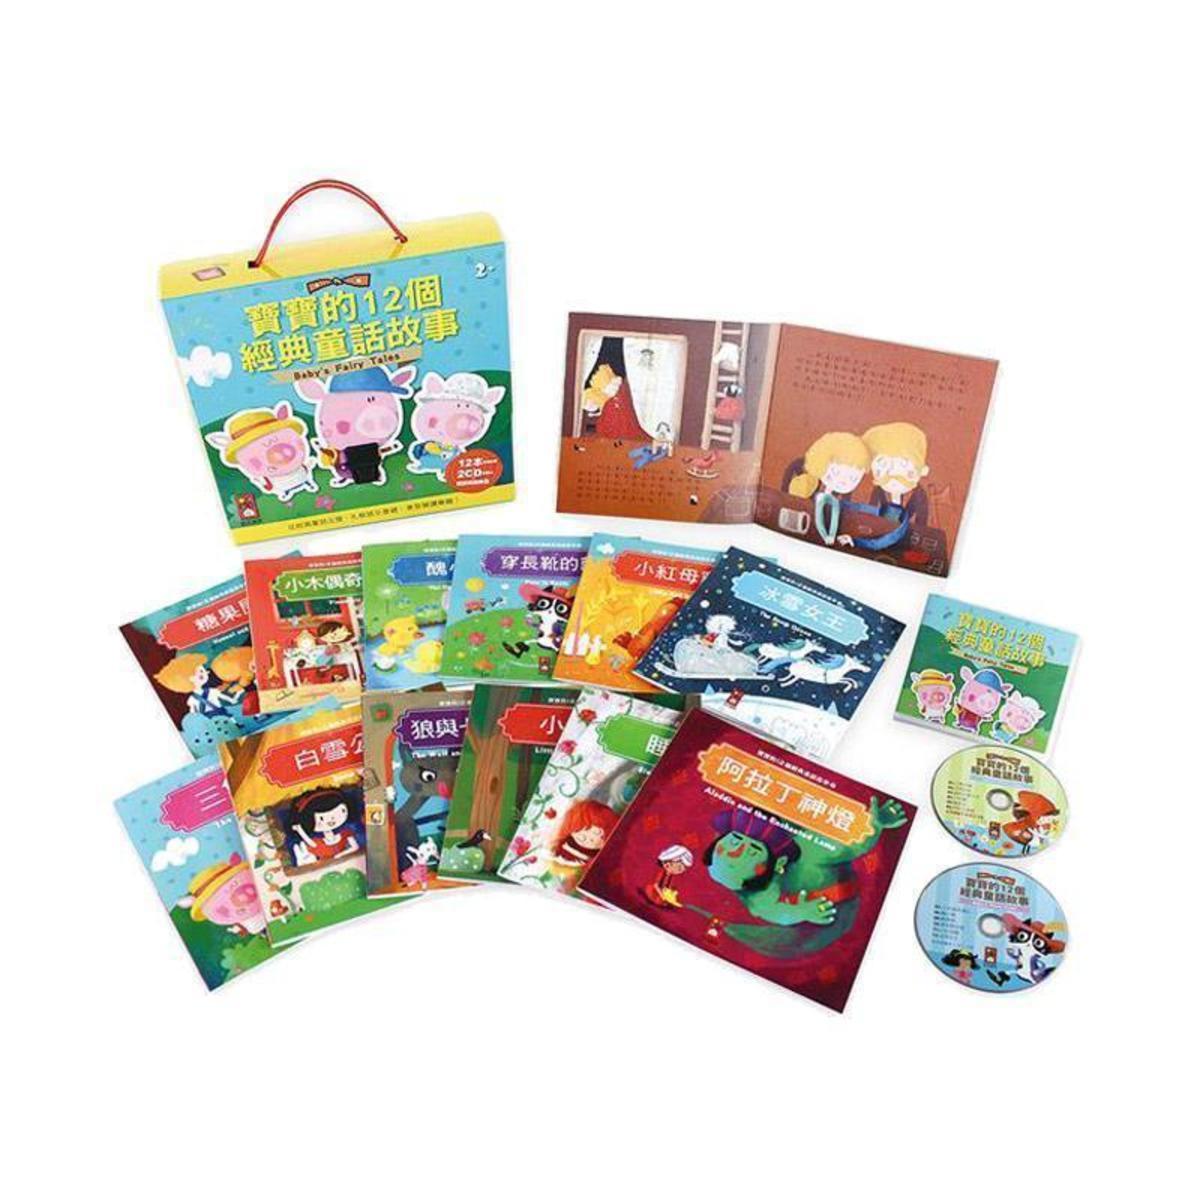 寶寶的12個經典童話故事 一套12書2CD 台灣進口 (3歲以上)